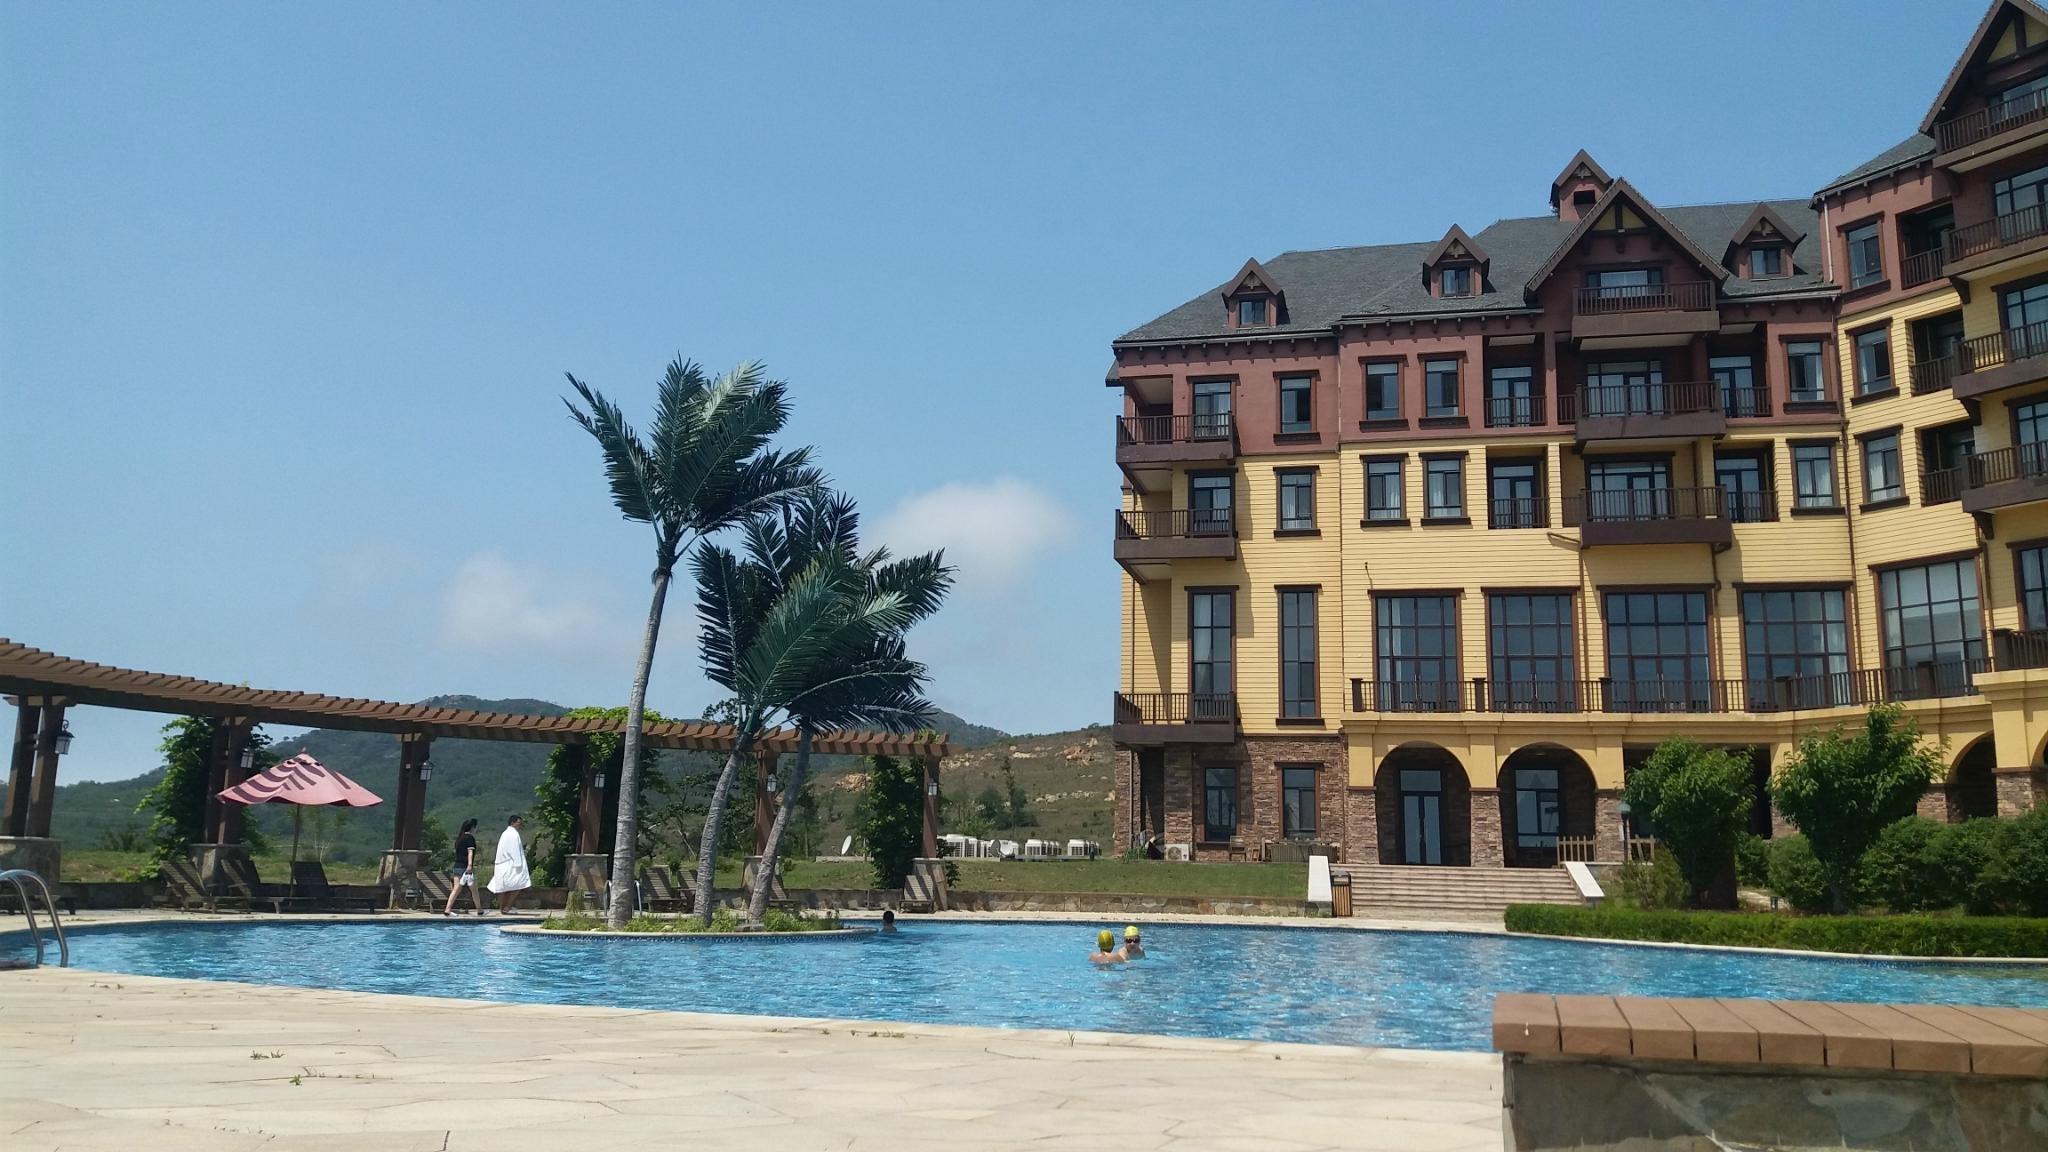 大连海昌广鹿岛度假酒店,开始了此行与海昌集团的多个交集(发现王国和